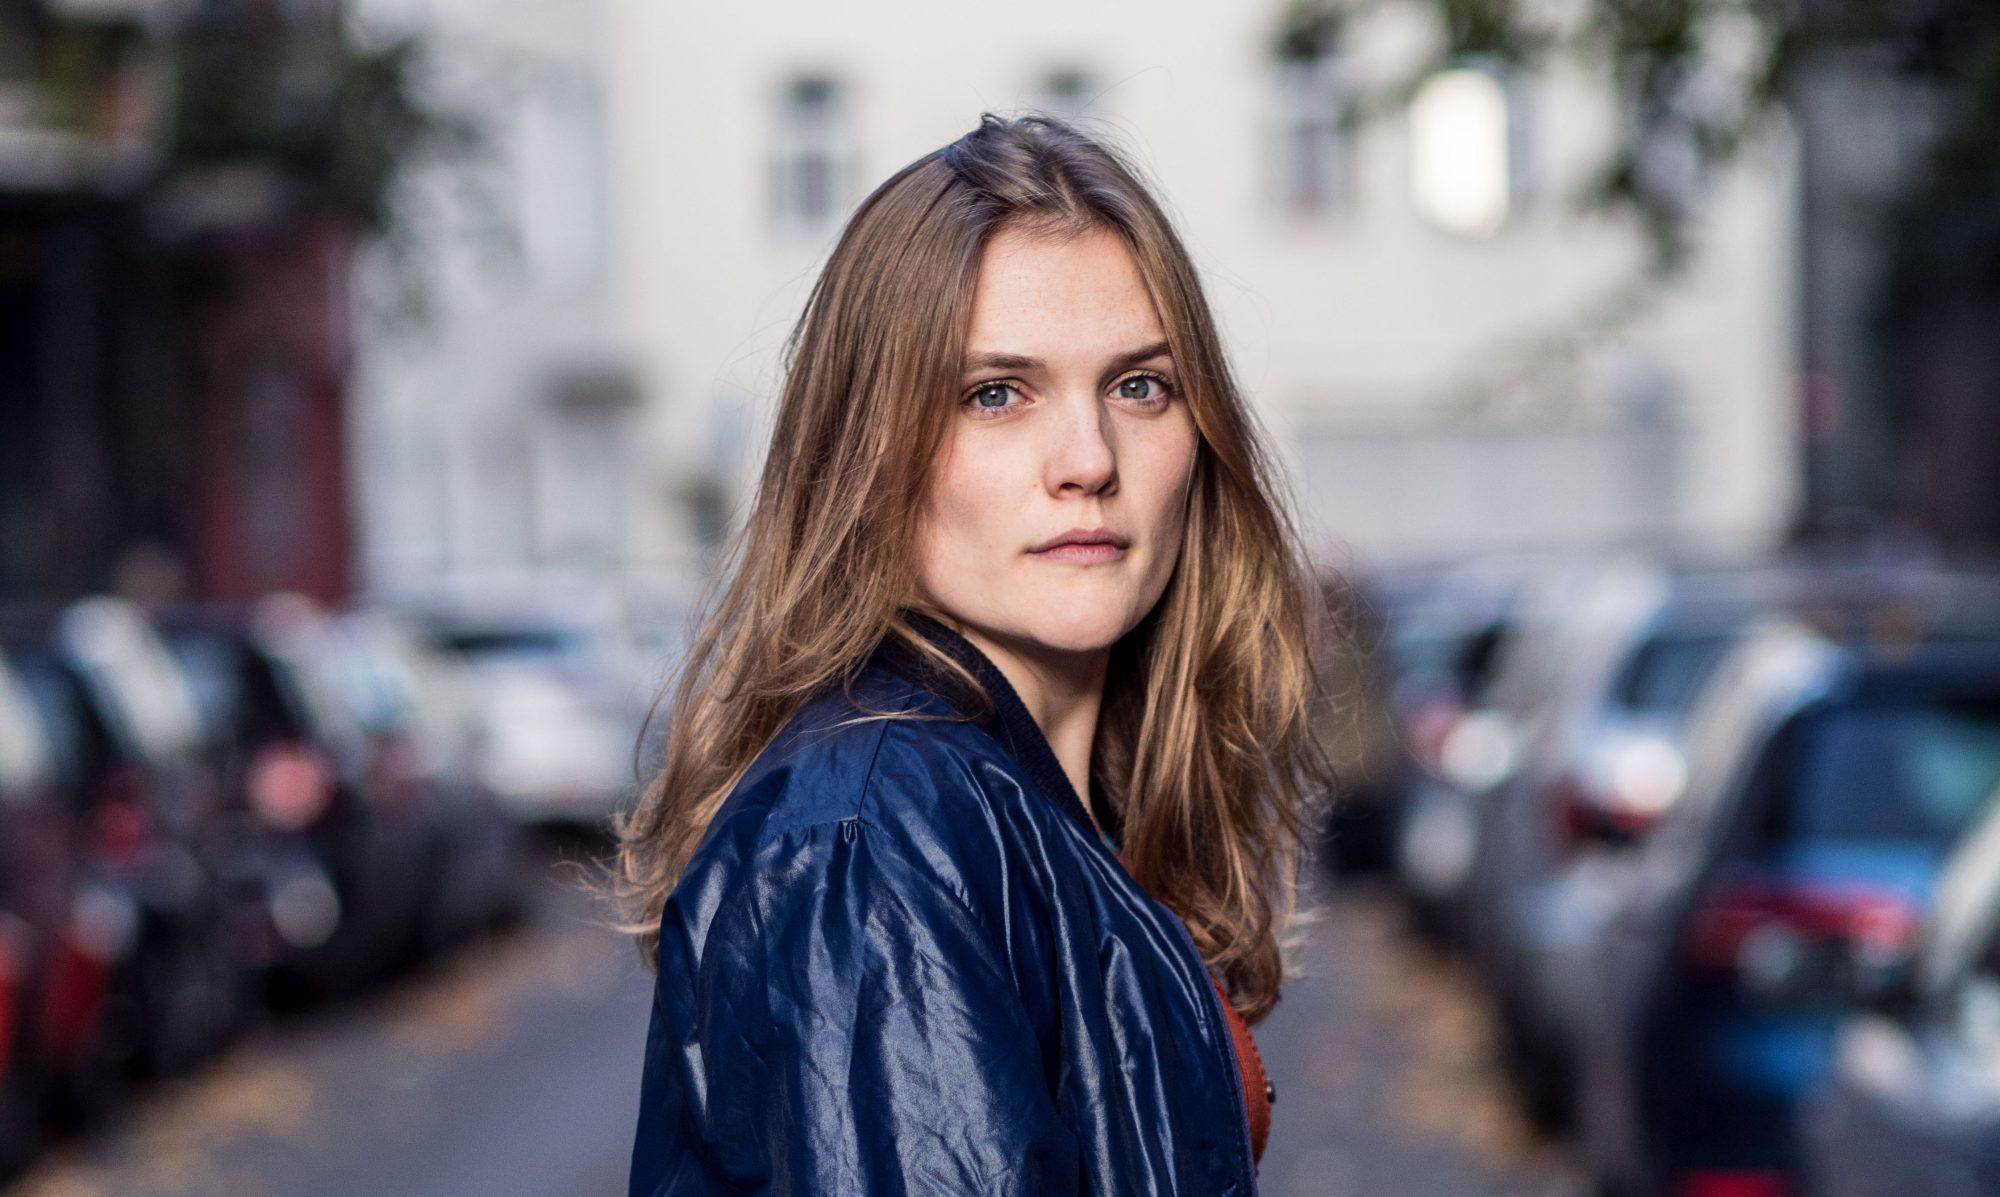 Marie Illies